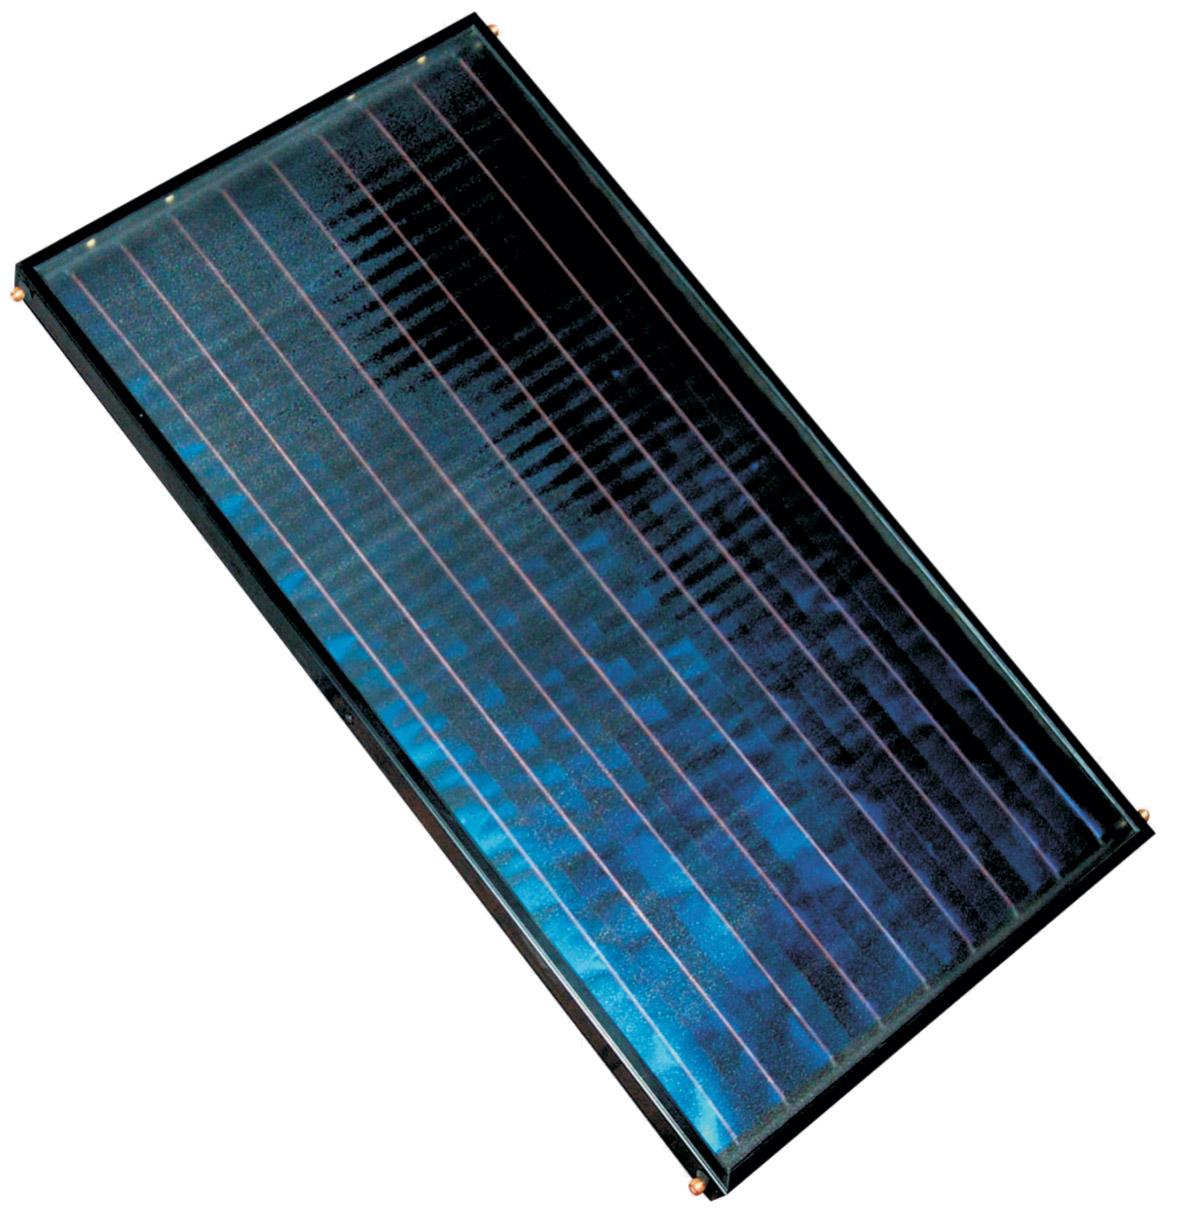 Pannello Solare A Rate : Solare eht italia